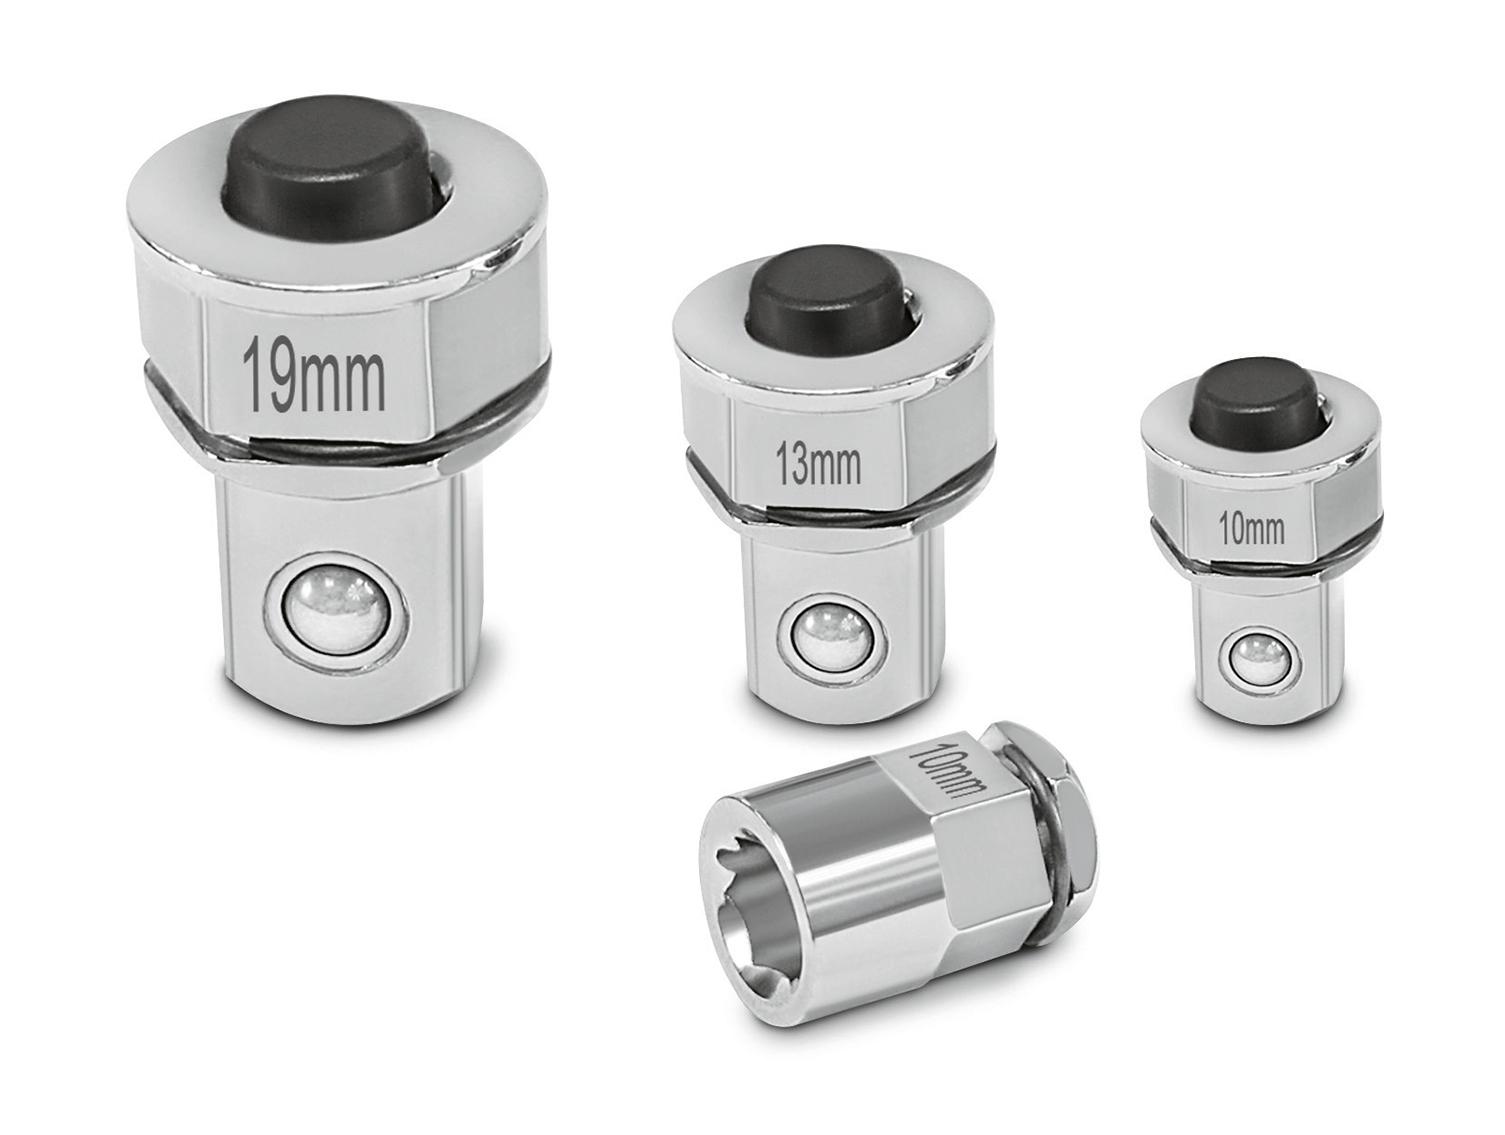 Knarrenadapter für die Verwendung von Steckschlüsseln und Bits.